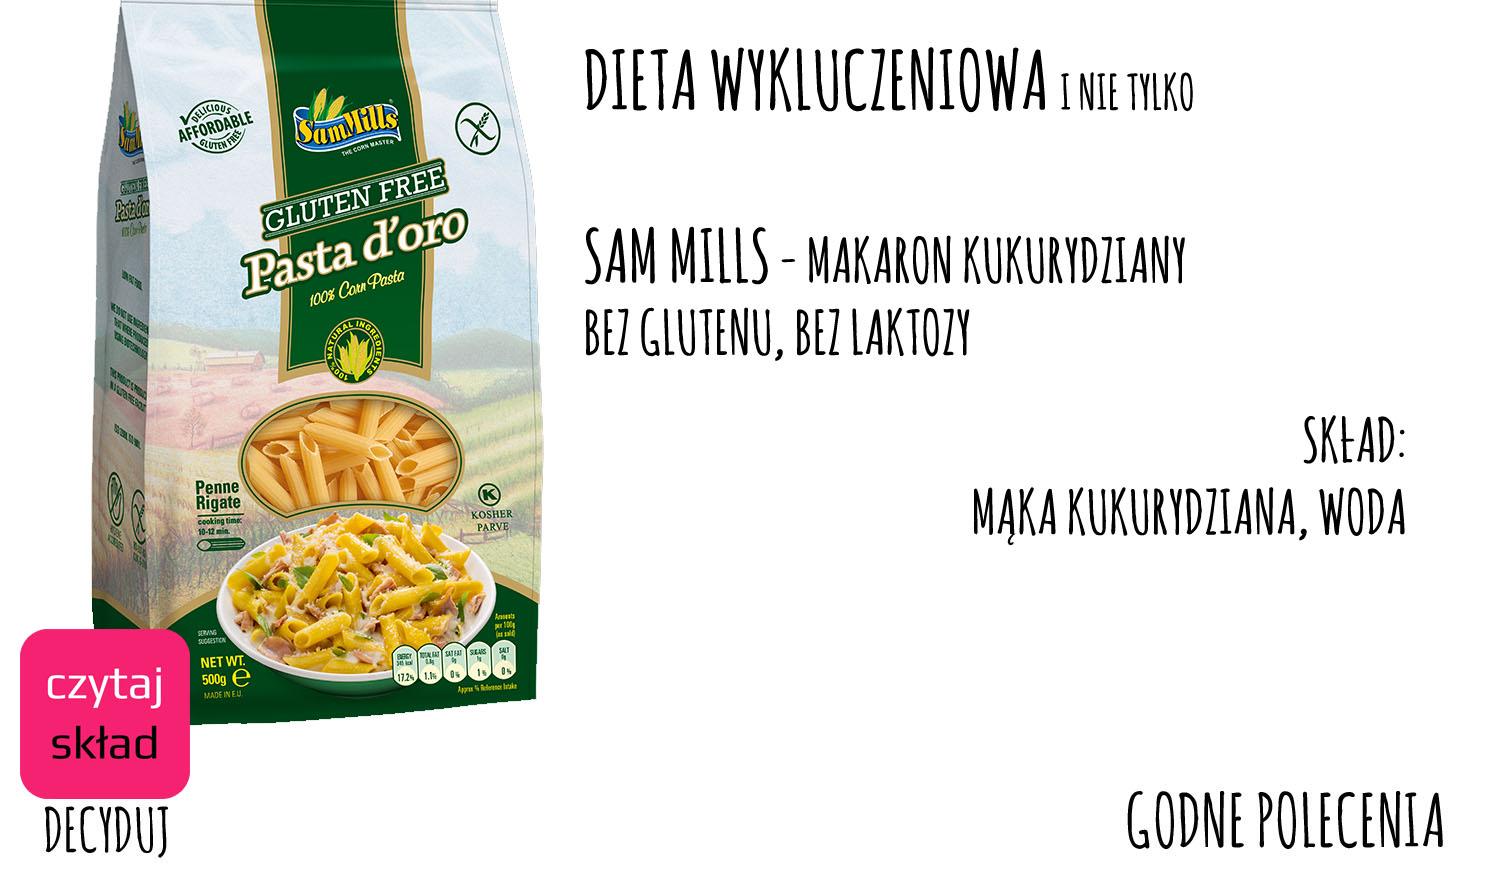 Sam Mills - makaron kukurydziany